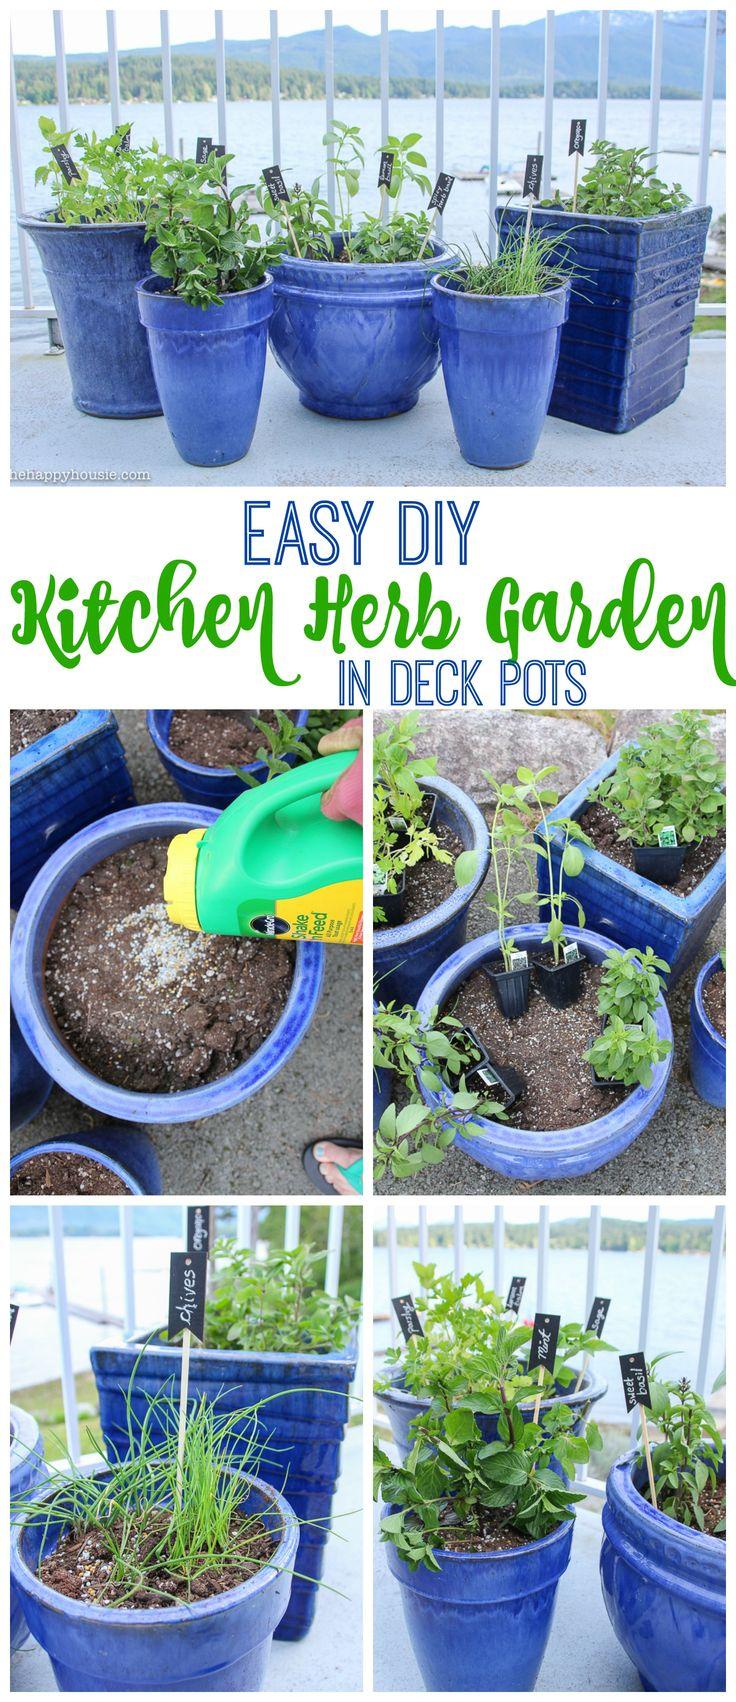 Best 25 kitchen herb gardens ideas on pinterest - Herb container gardening ideas ...